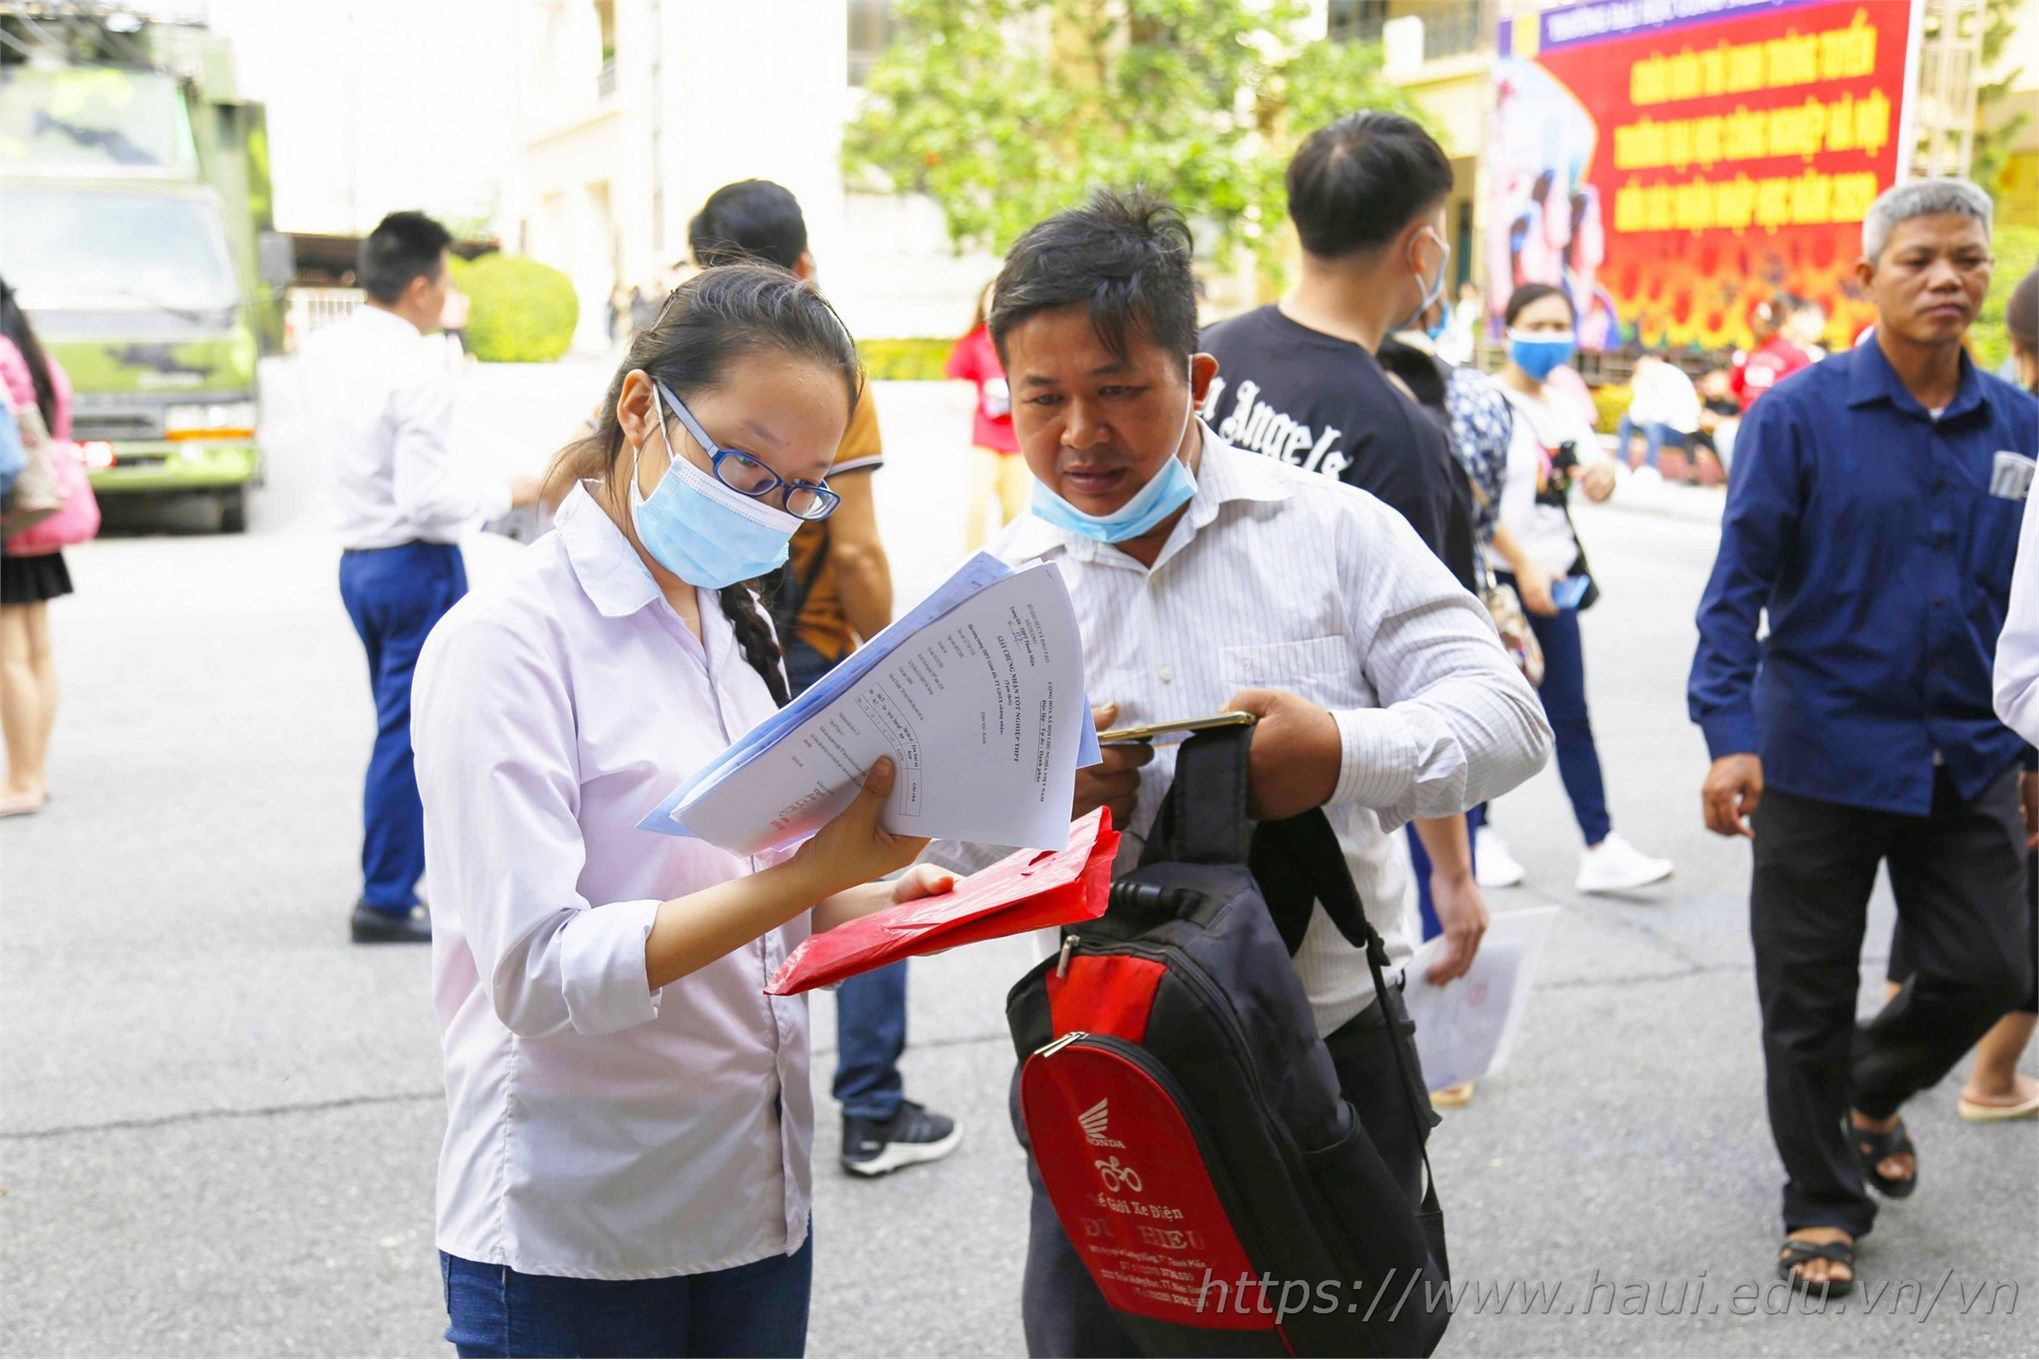 Theo Kế hoạch, thí sinh trúng tuyển có thể xác nhận nhập học bằng cách nộp Giấy chứng nhận kết quả thi THPT Quốc gia 2019 trực tiếp tại trụ sở chính trường Đại học Công nghiệp Hà Nội (số 298 đường Cầu Diễn, quận Bắc Từ Liêm, Hà Nội) từ ngày 06/10/2020 đến ngày 10/10/2020.